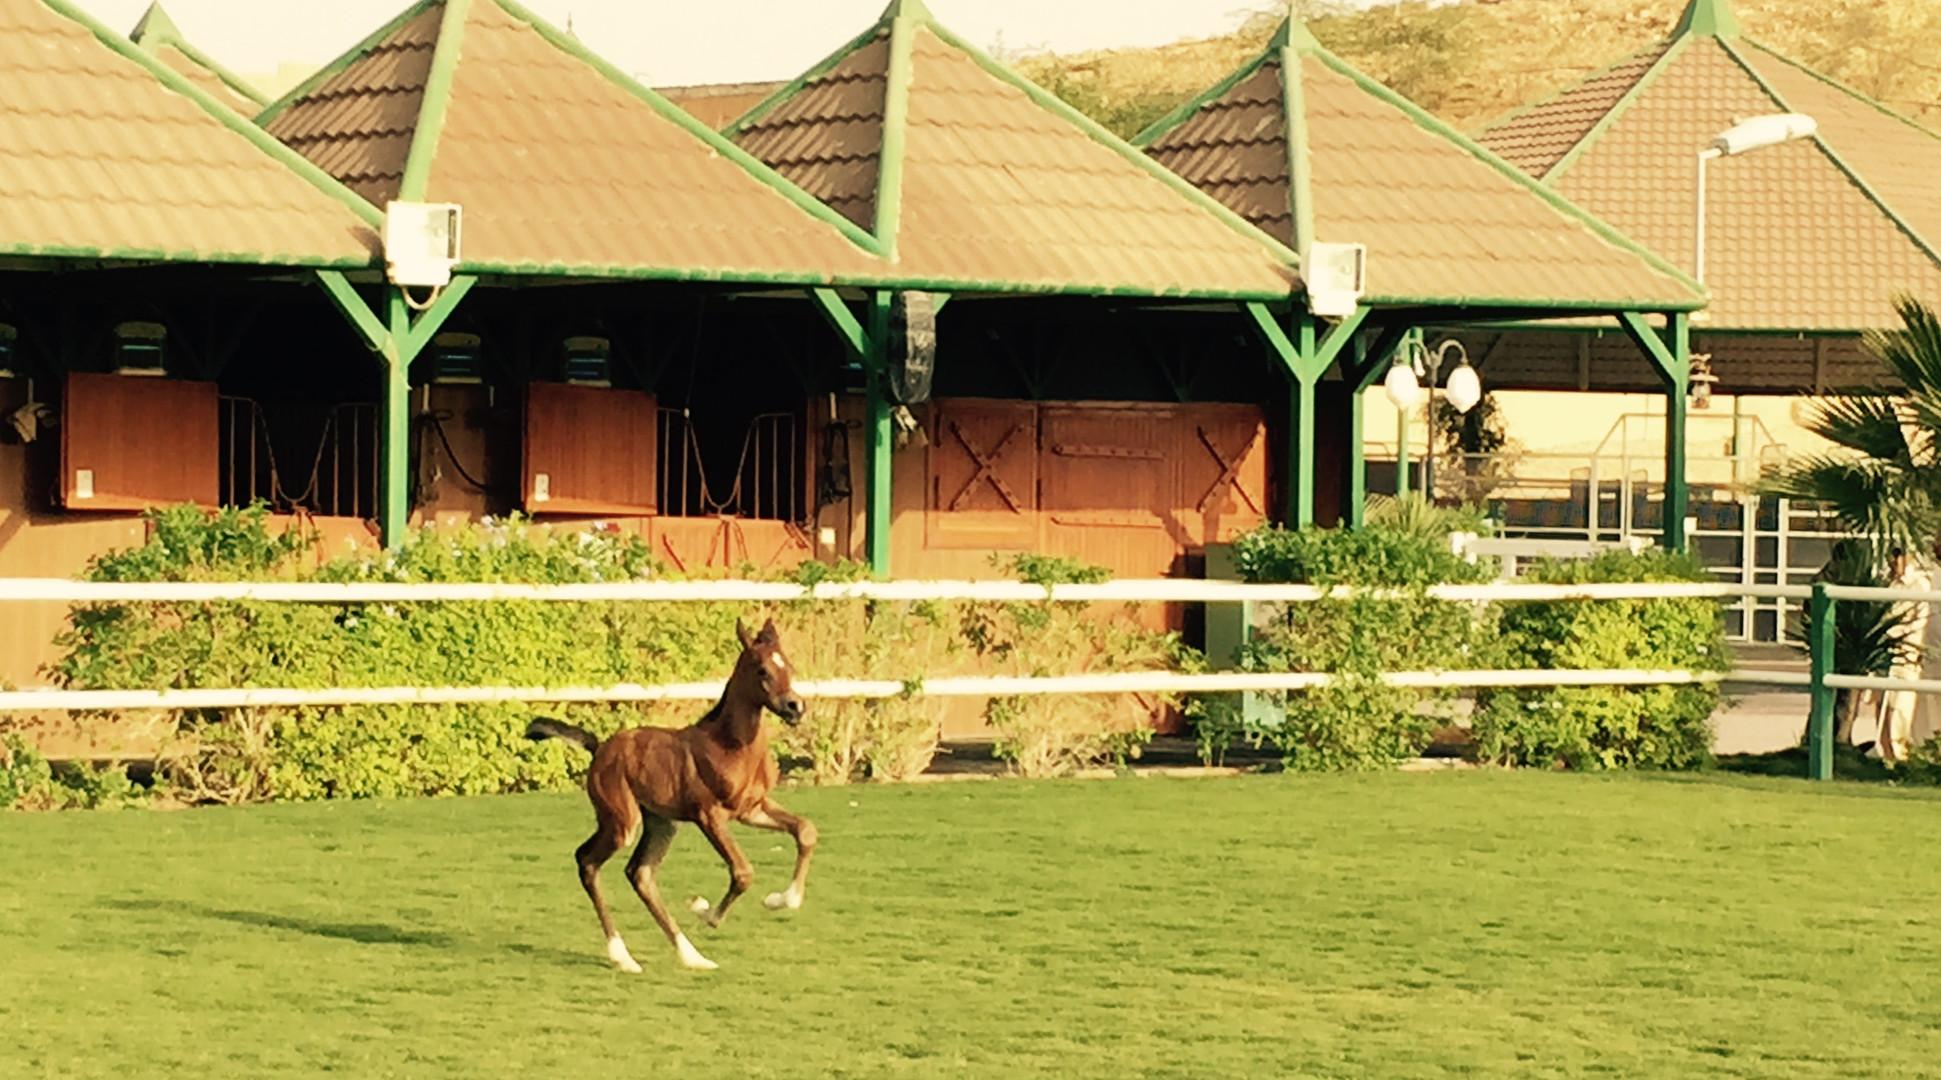 Foal 4.jpg